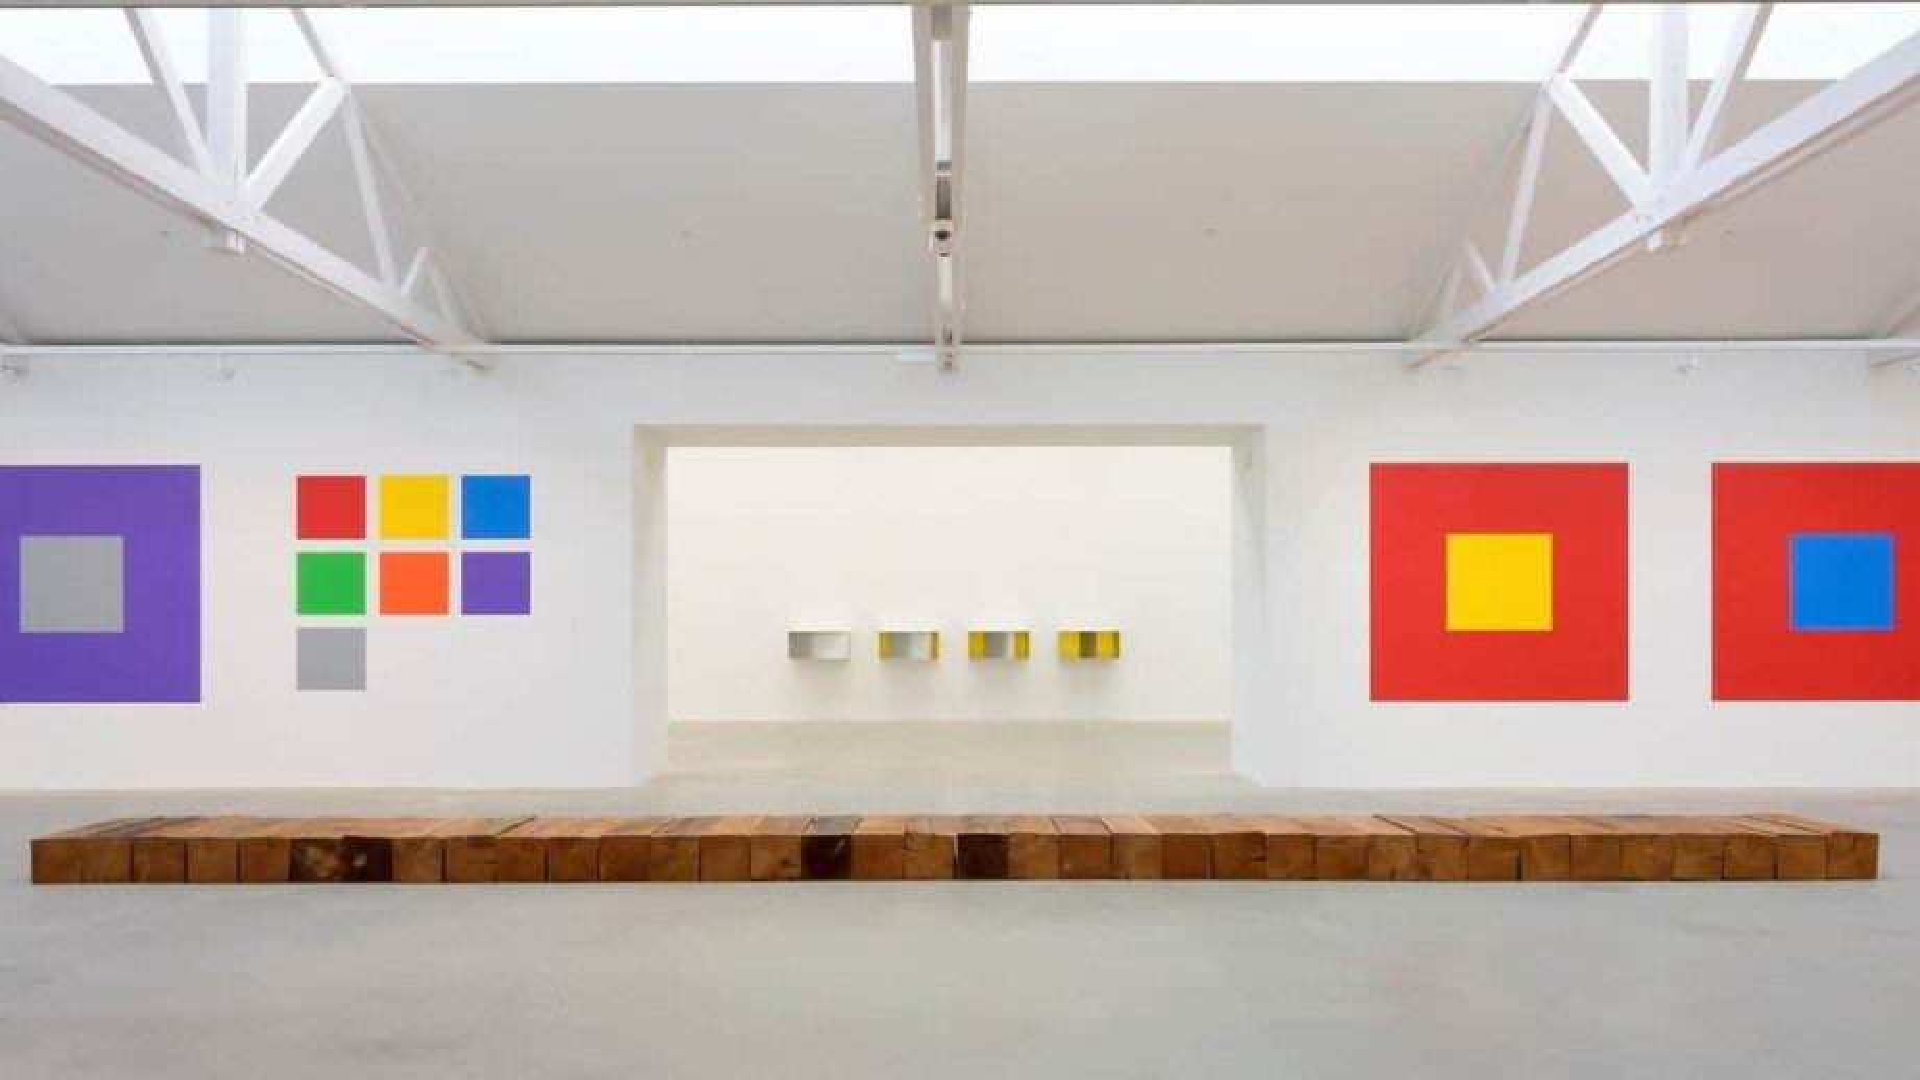 Hommage à l'art minimal